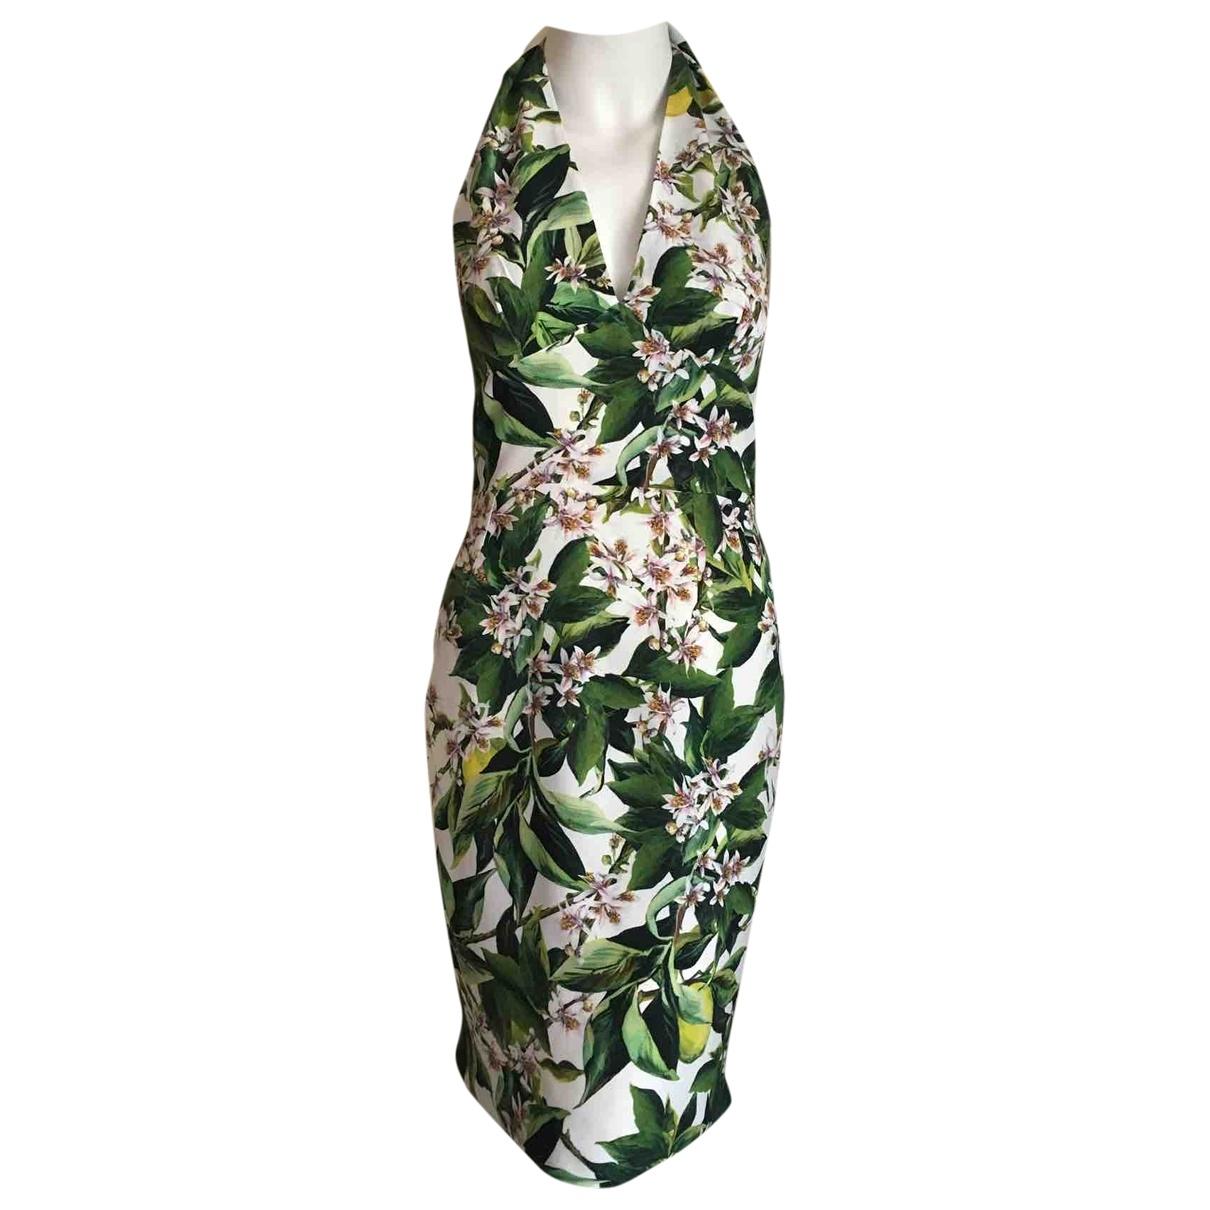 Dolce & Gabbana - Robe   pour femme - multicolore